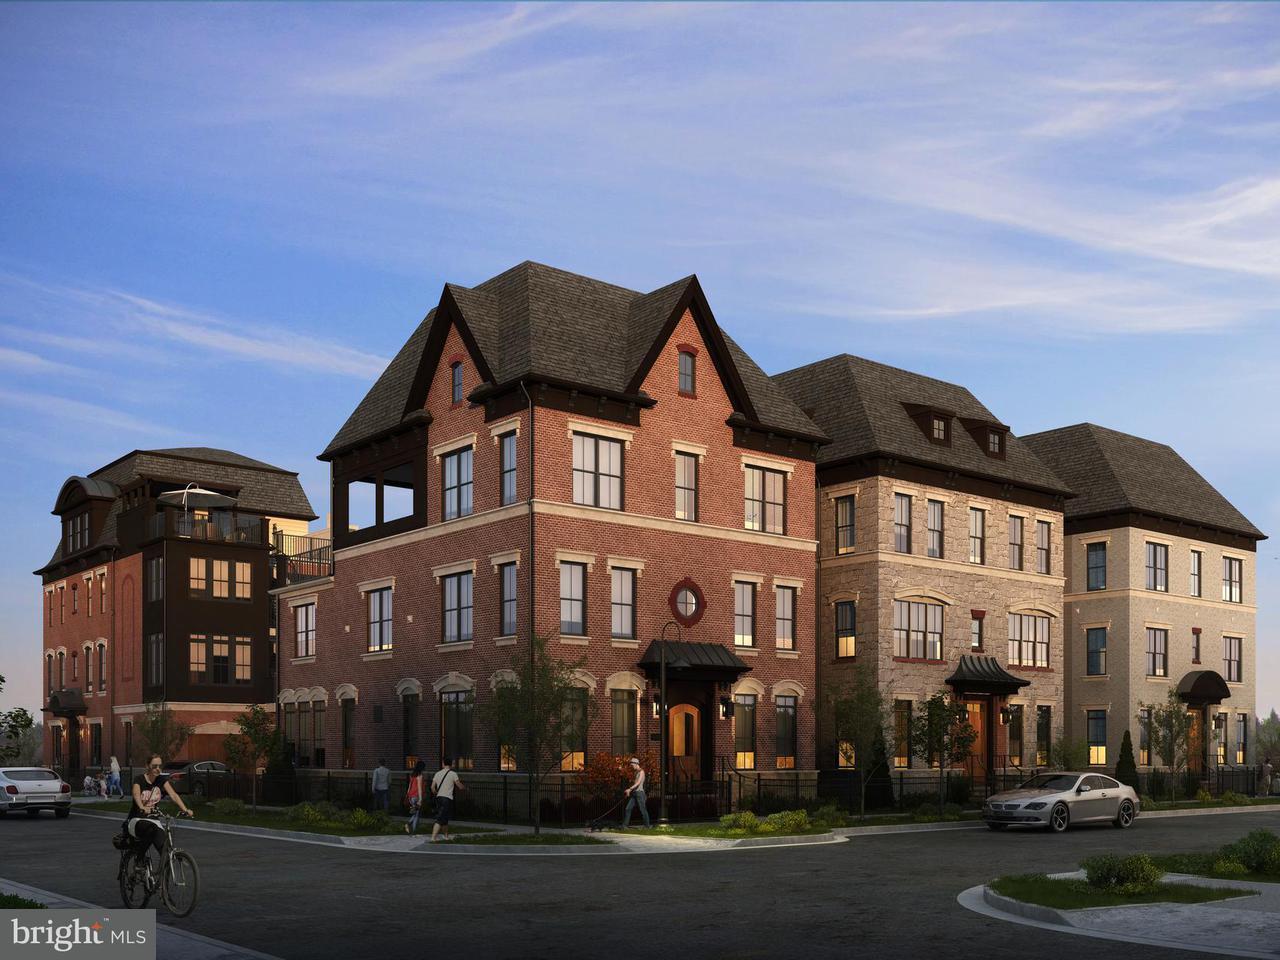 Single Family Home for Sale at 315 STRUMMER LANE 315 STRUMMER LANE Gaithersburg, Maryland 20878 United States